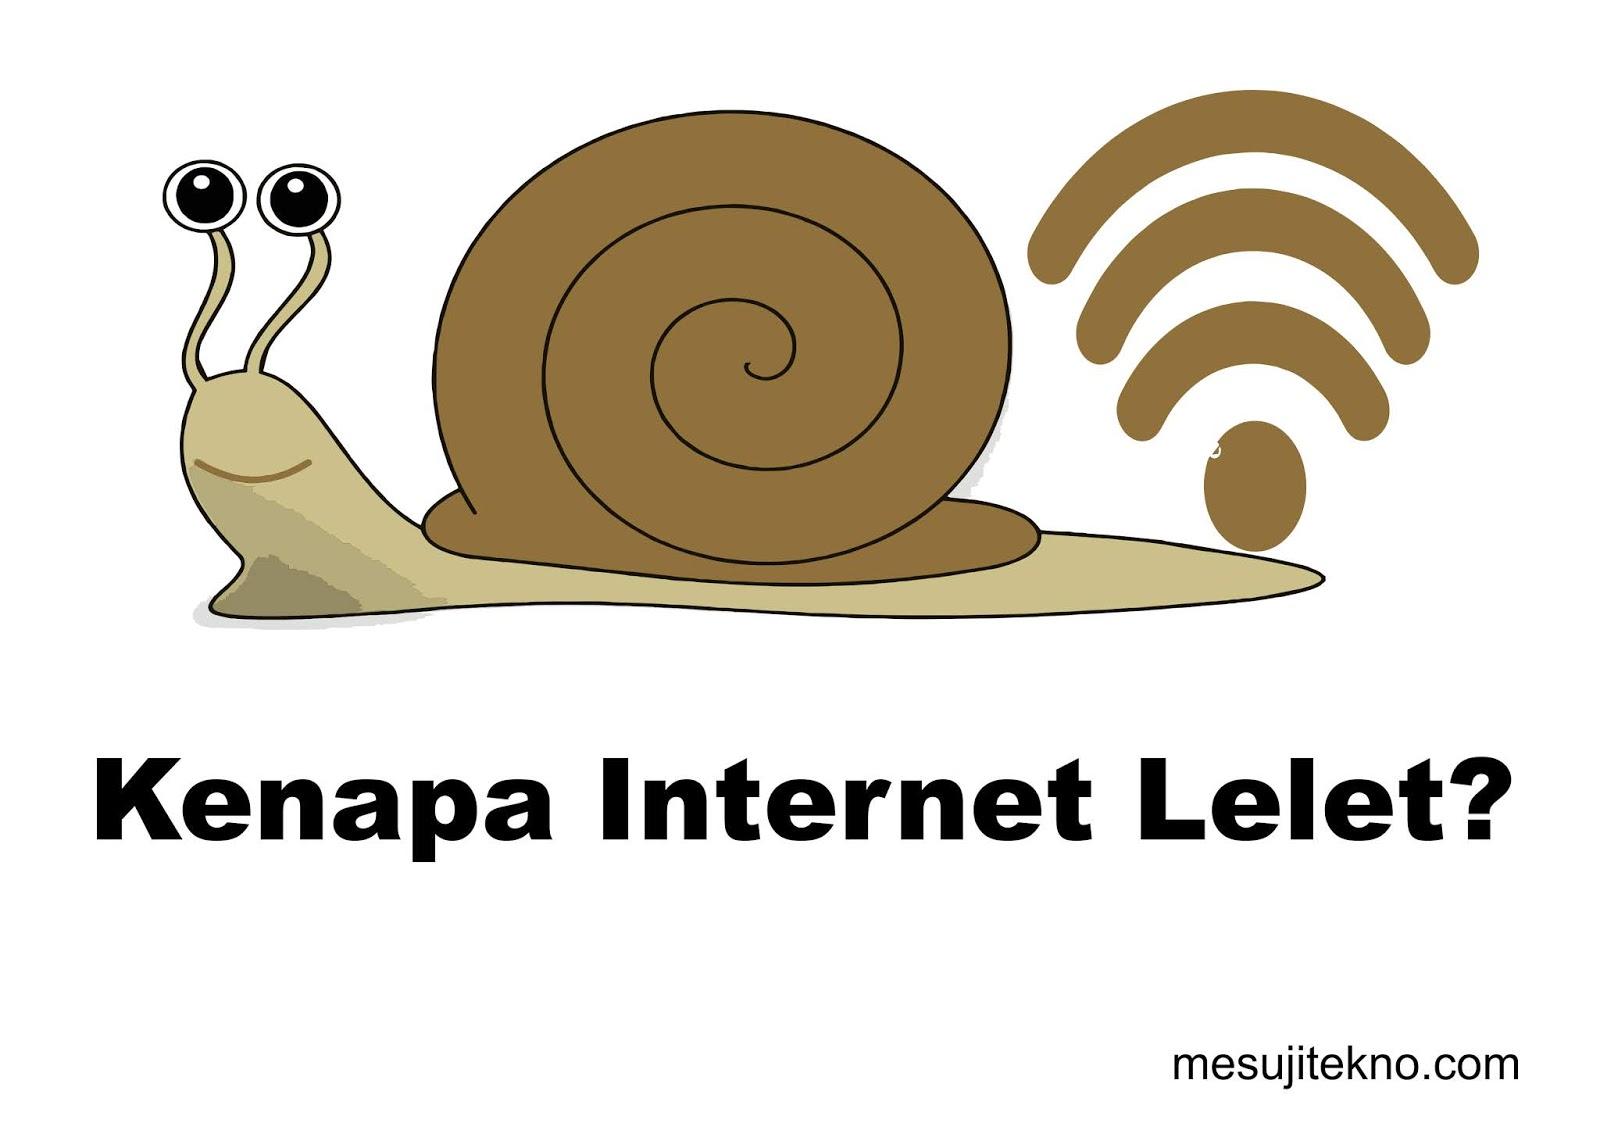 kenapa internet lelet?